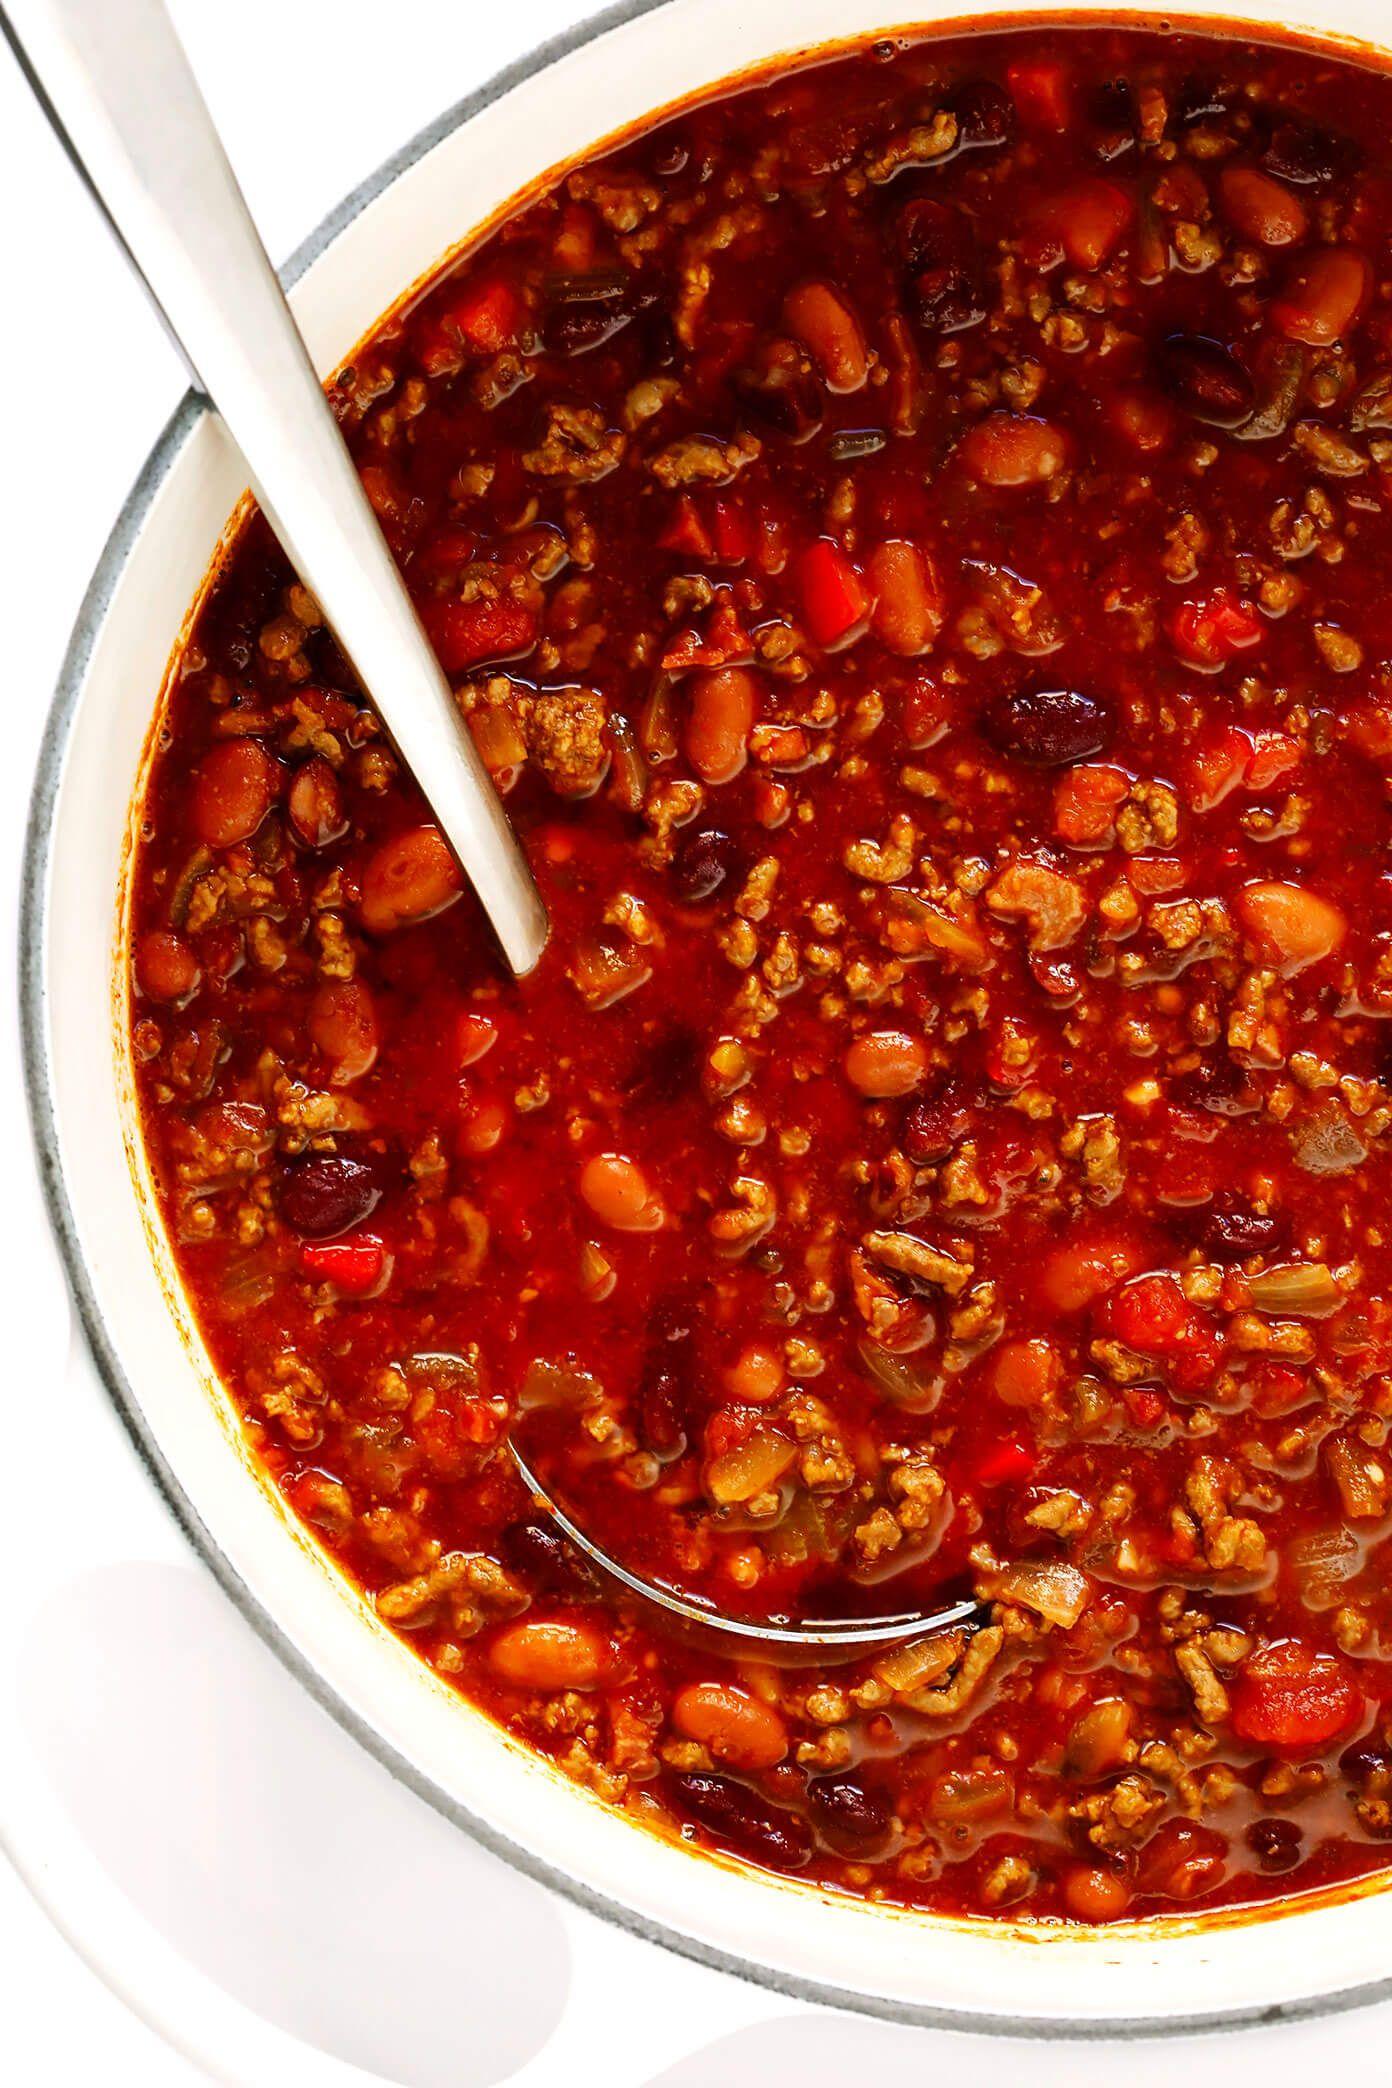 The Best Chili Recipe Gimme Some Oven Recipe Best Chili Recipe Ultimate Chili Recipe Classic Chili Recipe